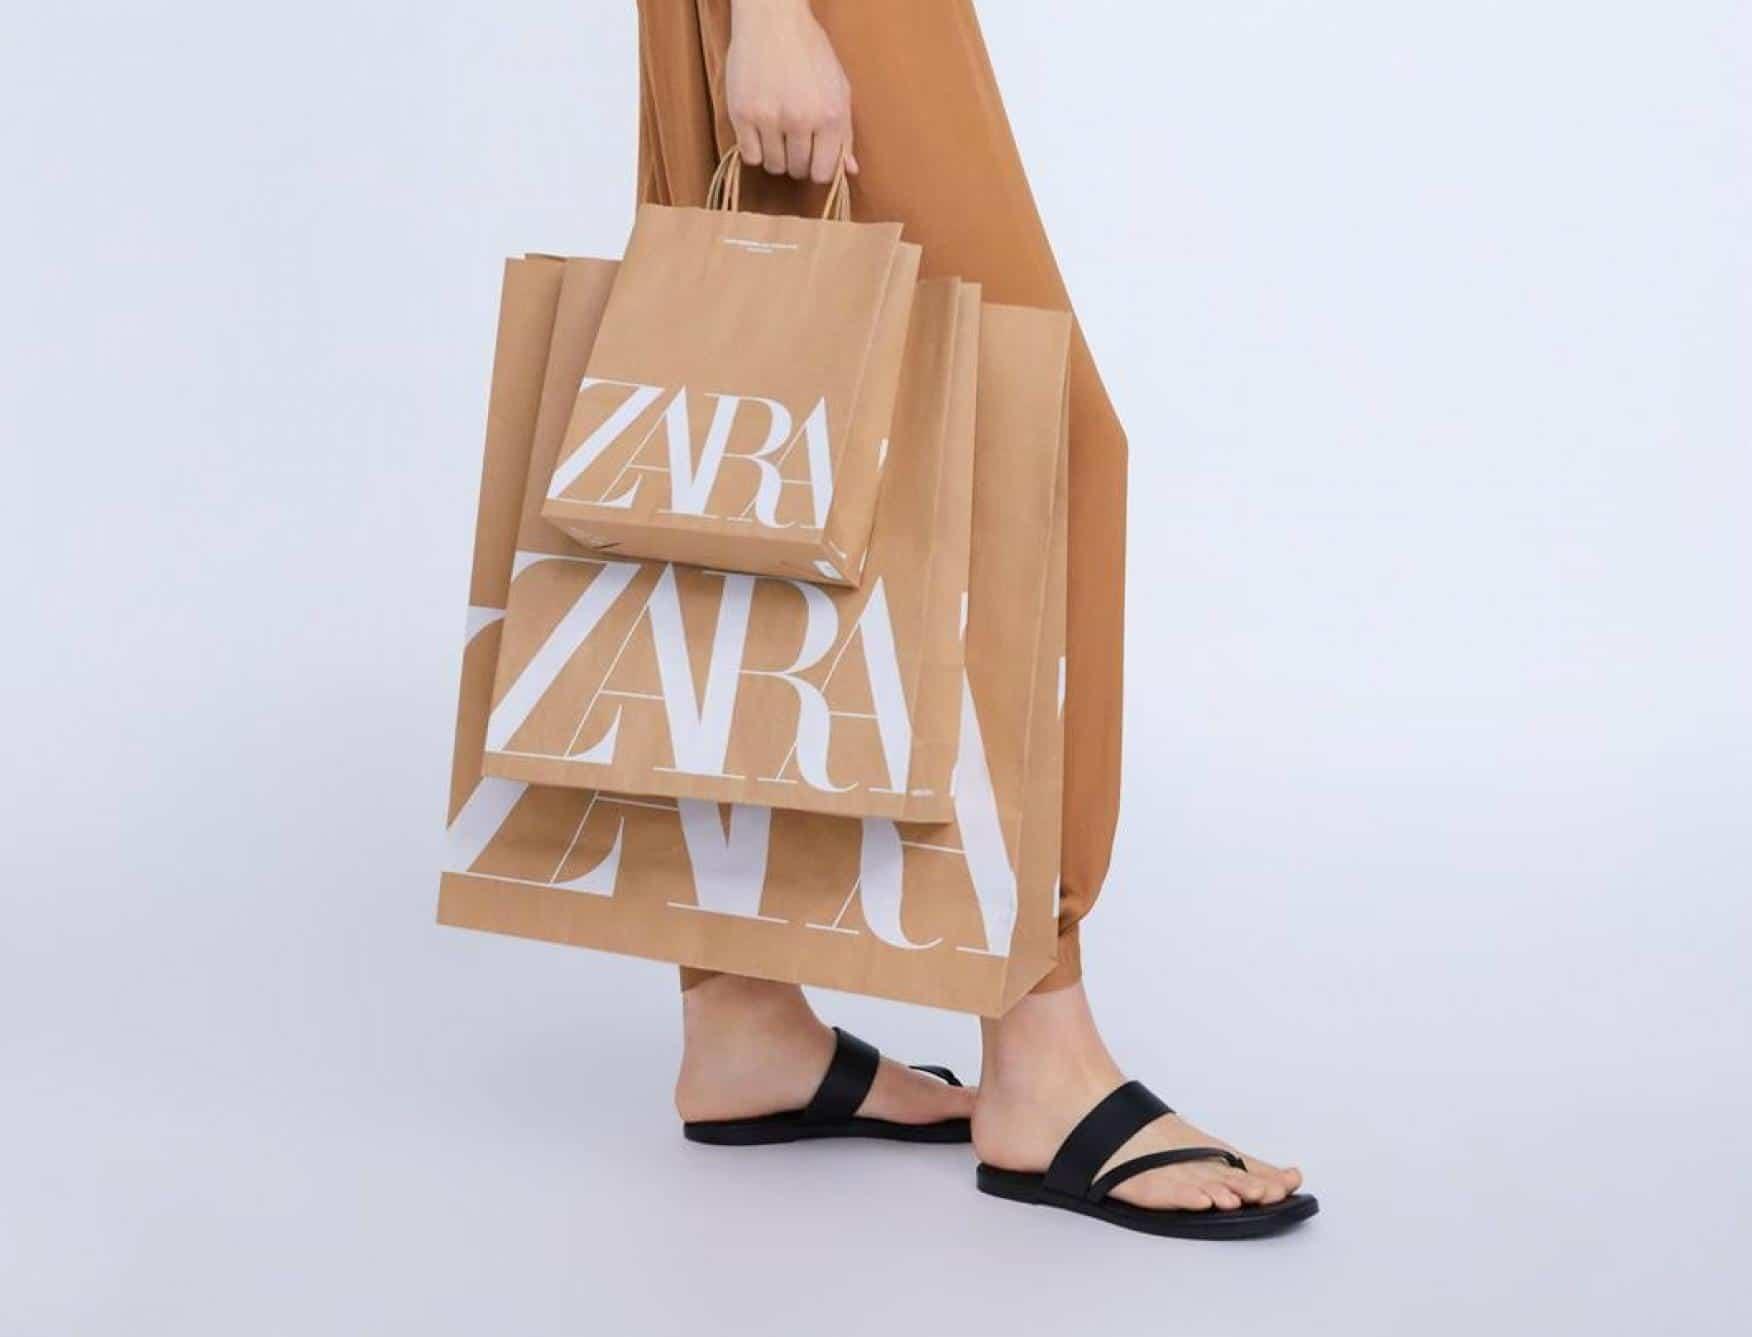 Bolsa con el nuevo logotipo de la marca de ropa Zara